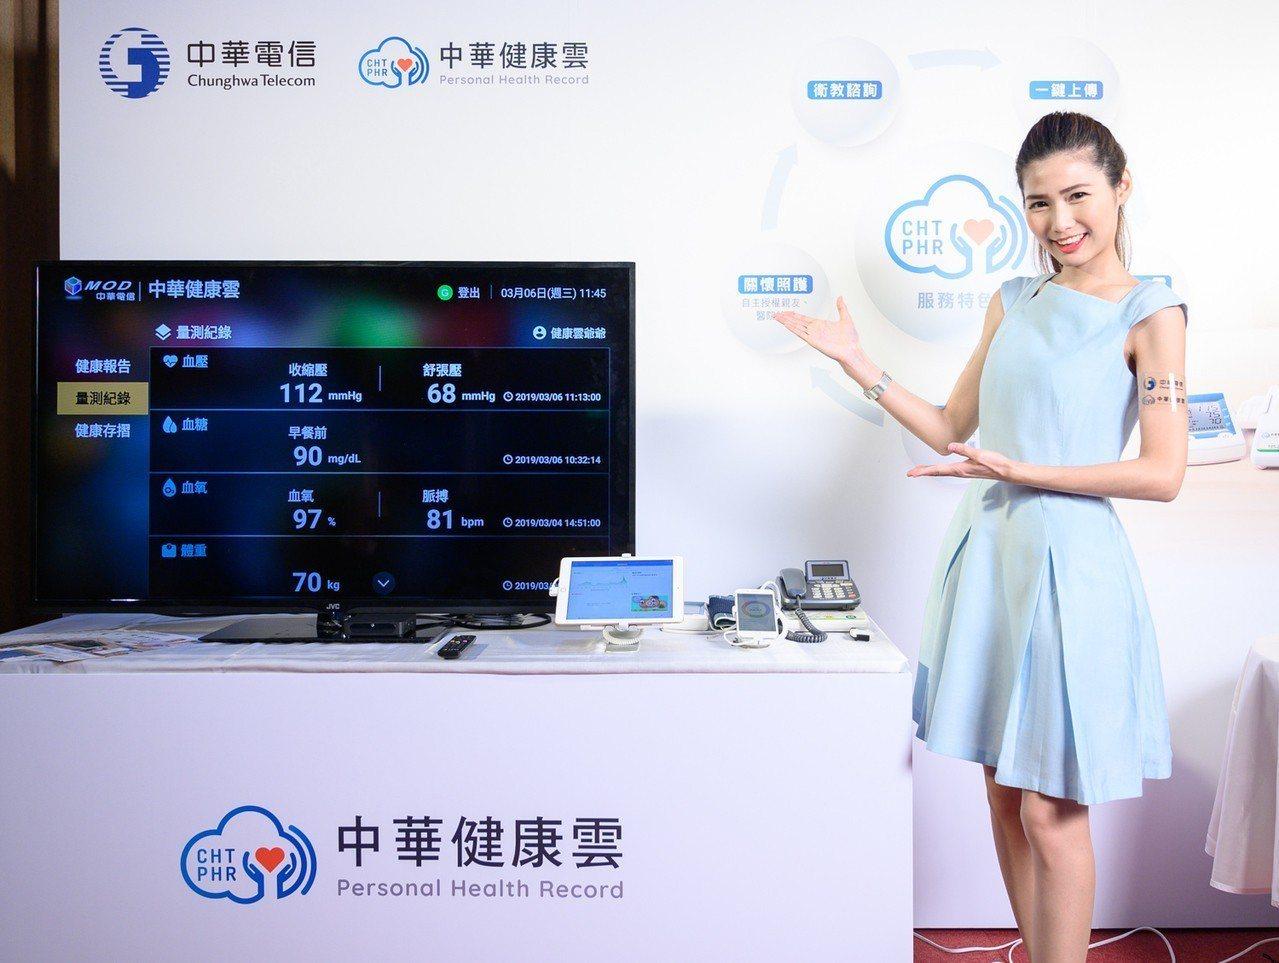 中華電信今推出「健康雲」服務,讓人人都可自主管理三高變化。圖/中華電信提供